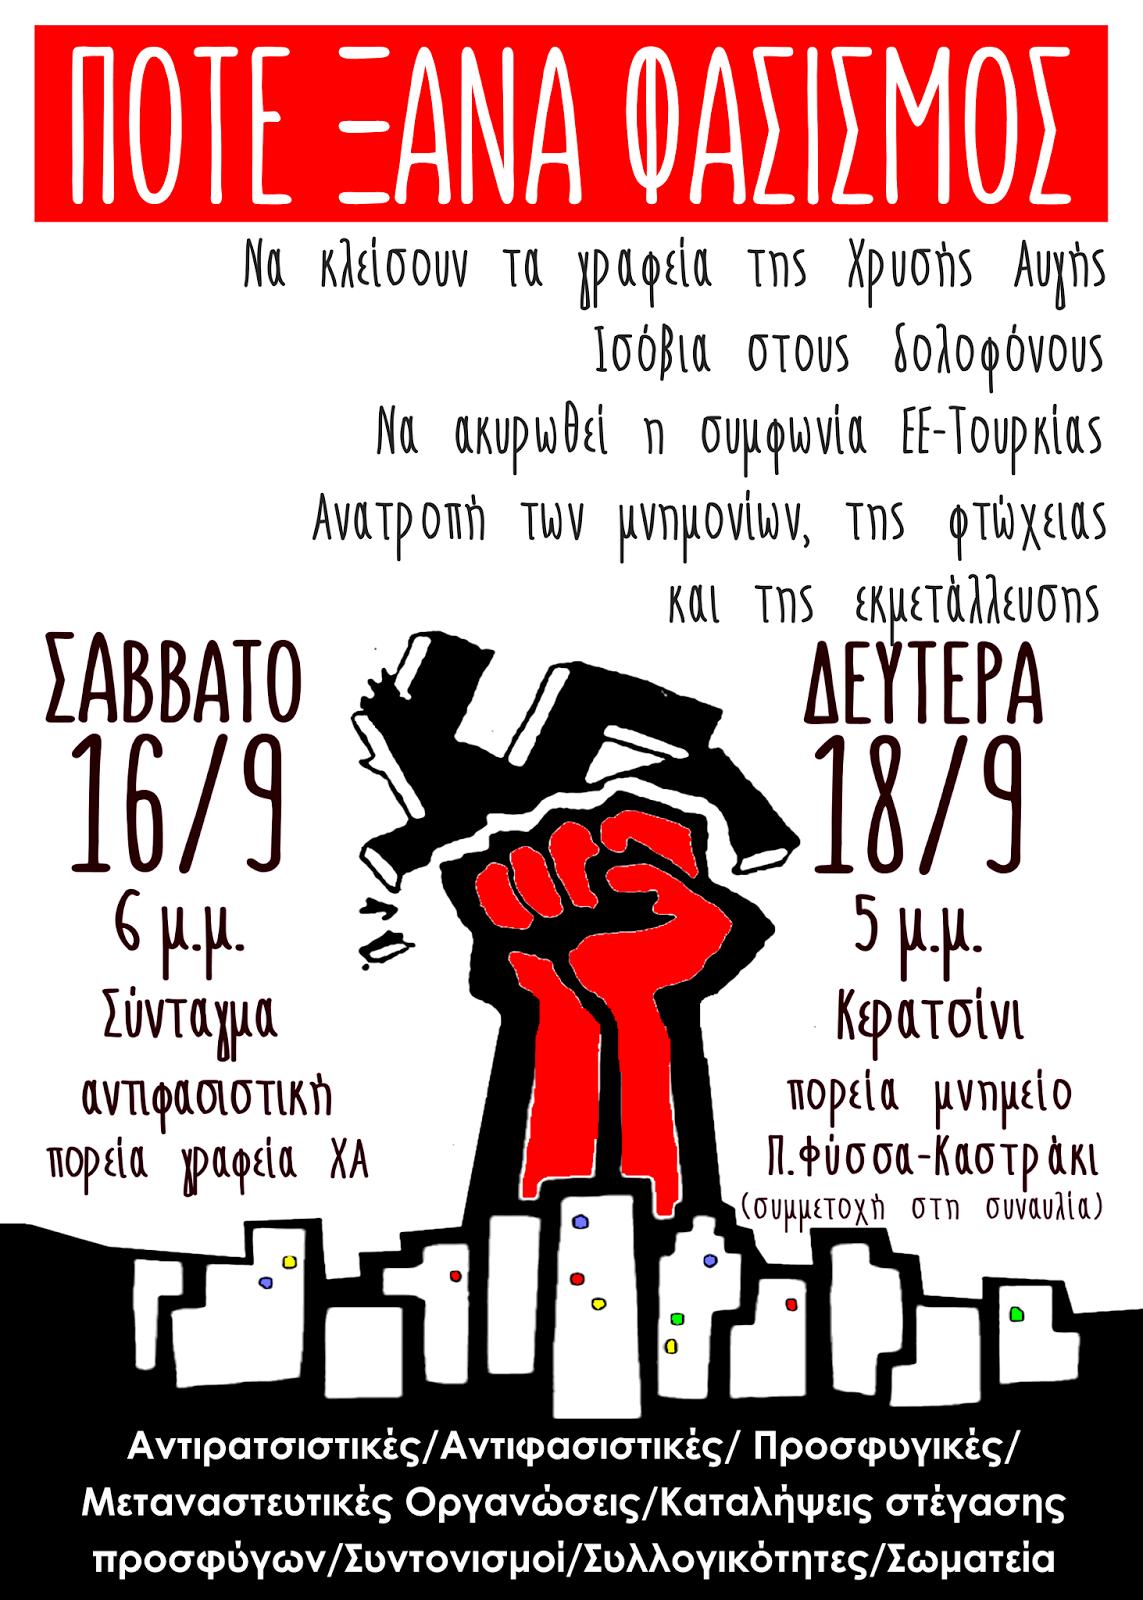 enotiko-antifasistiko-kalesma-agona-kai-mnimis-4-xronia-apo-ti-dolofonia-tou-pavlou-fyssa